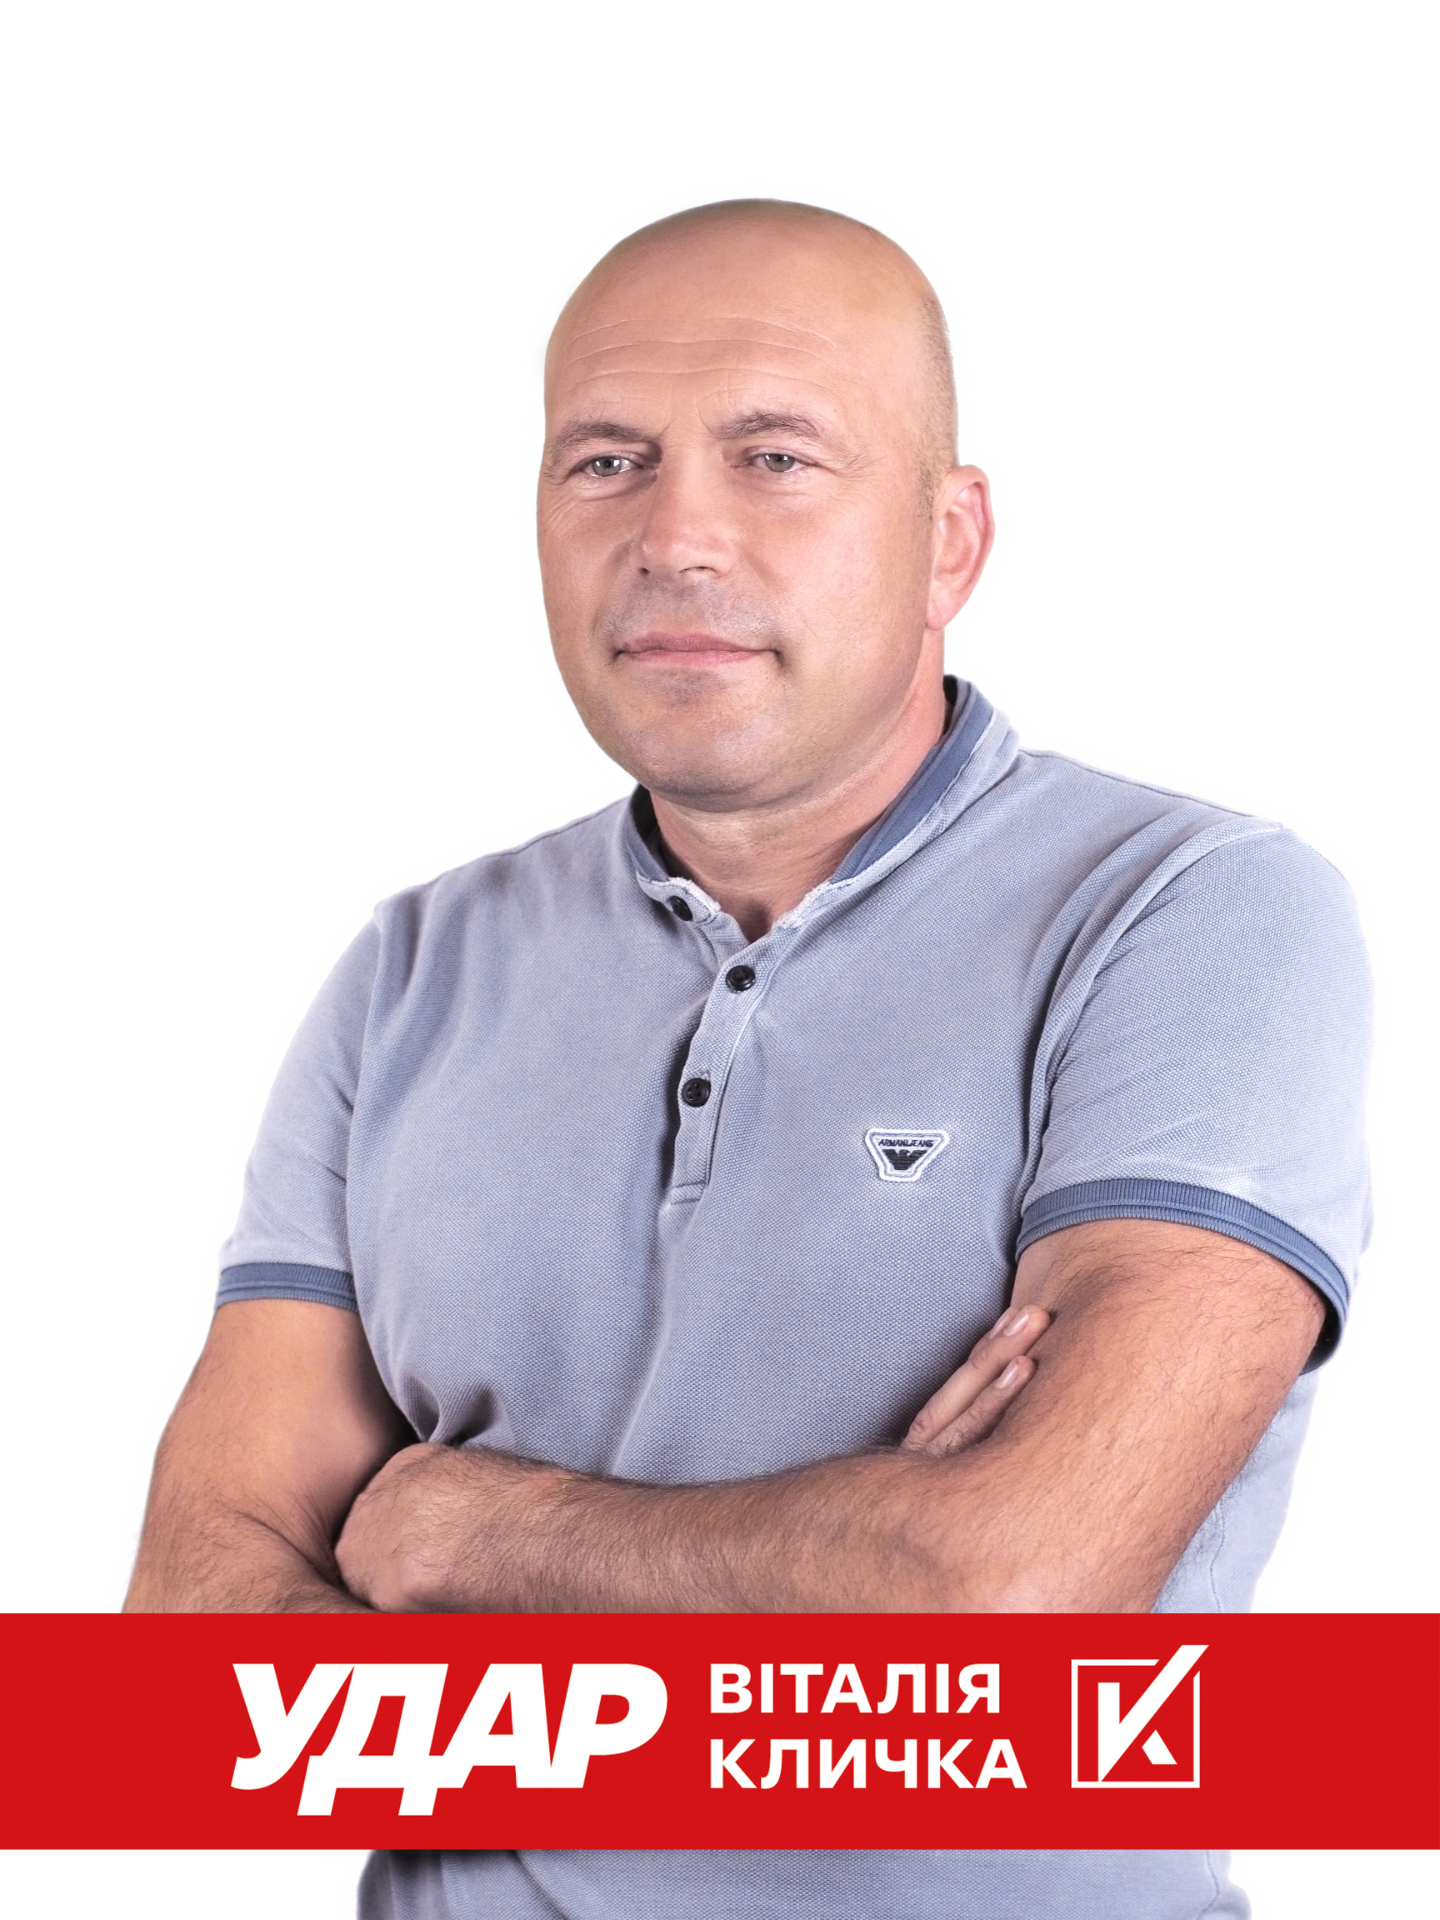 Фернебок Олександр Євгенович